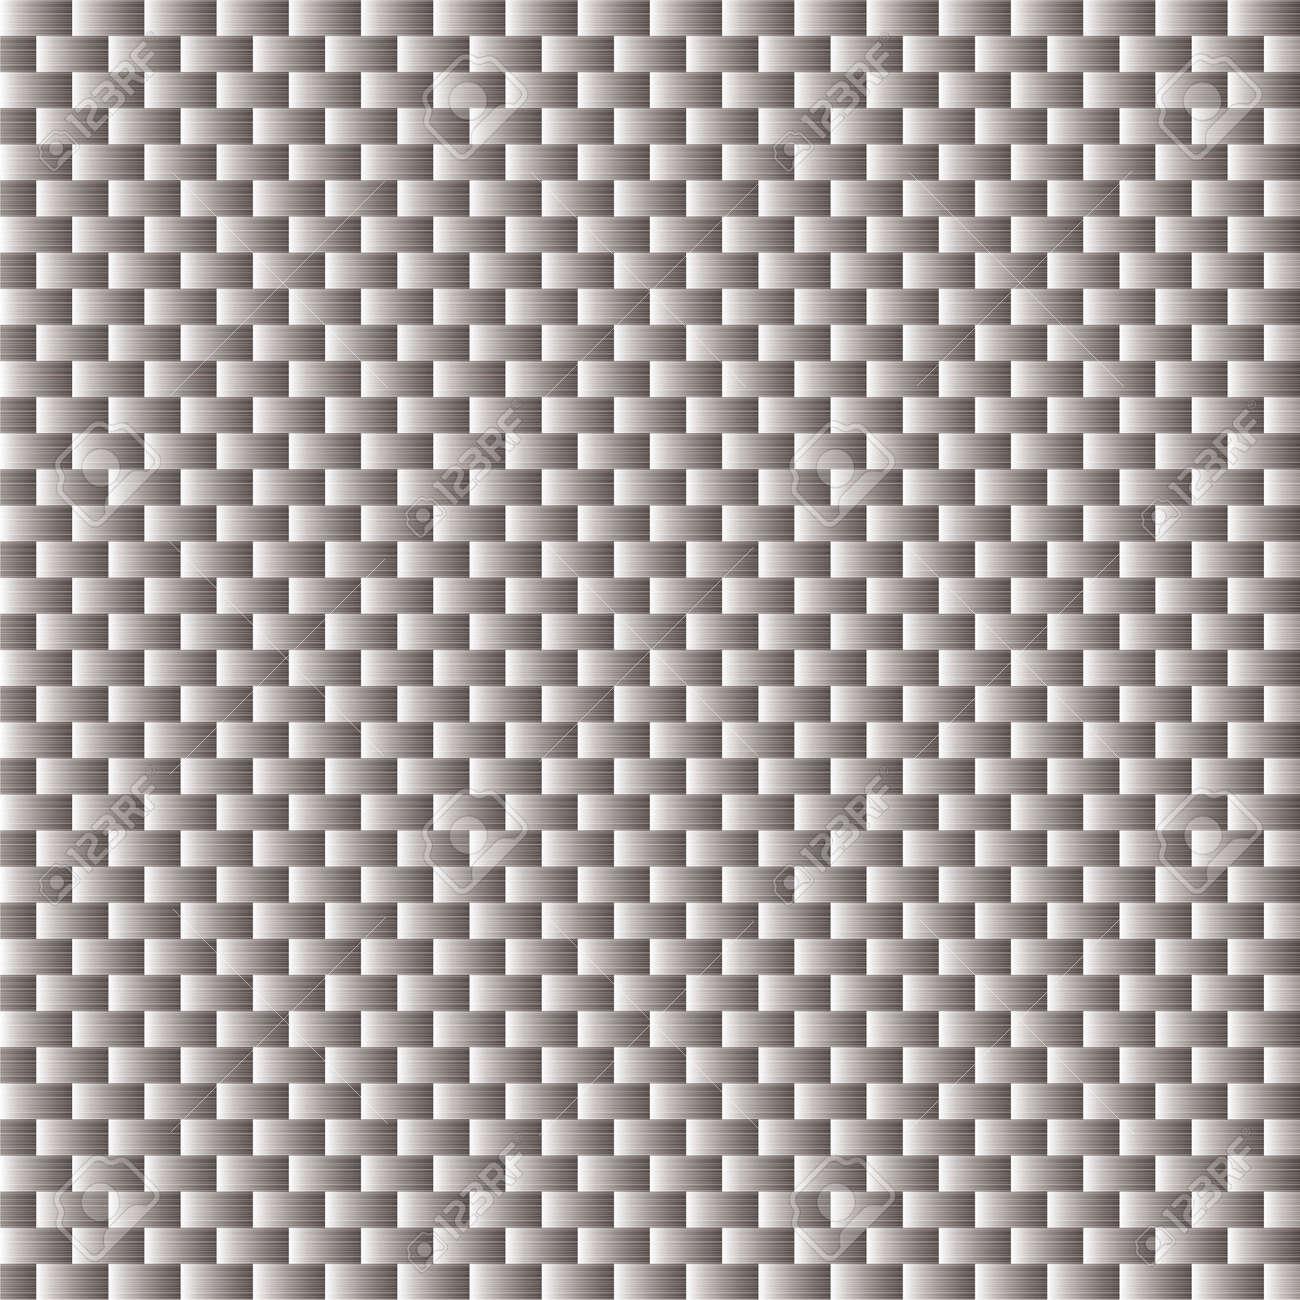 woven carbon fiber texture background ideal desktop as it se